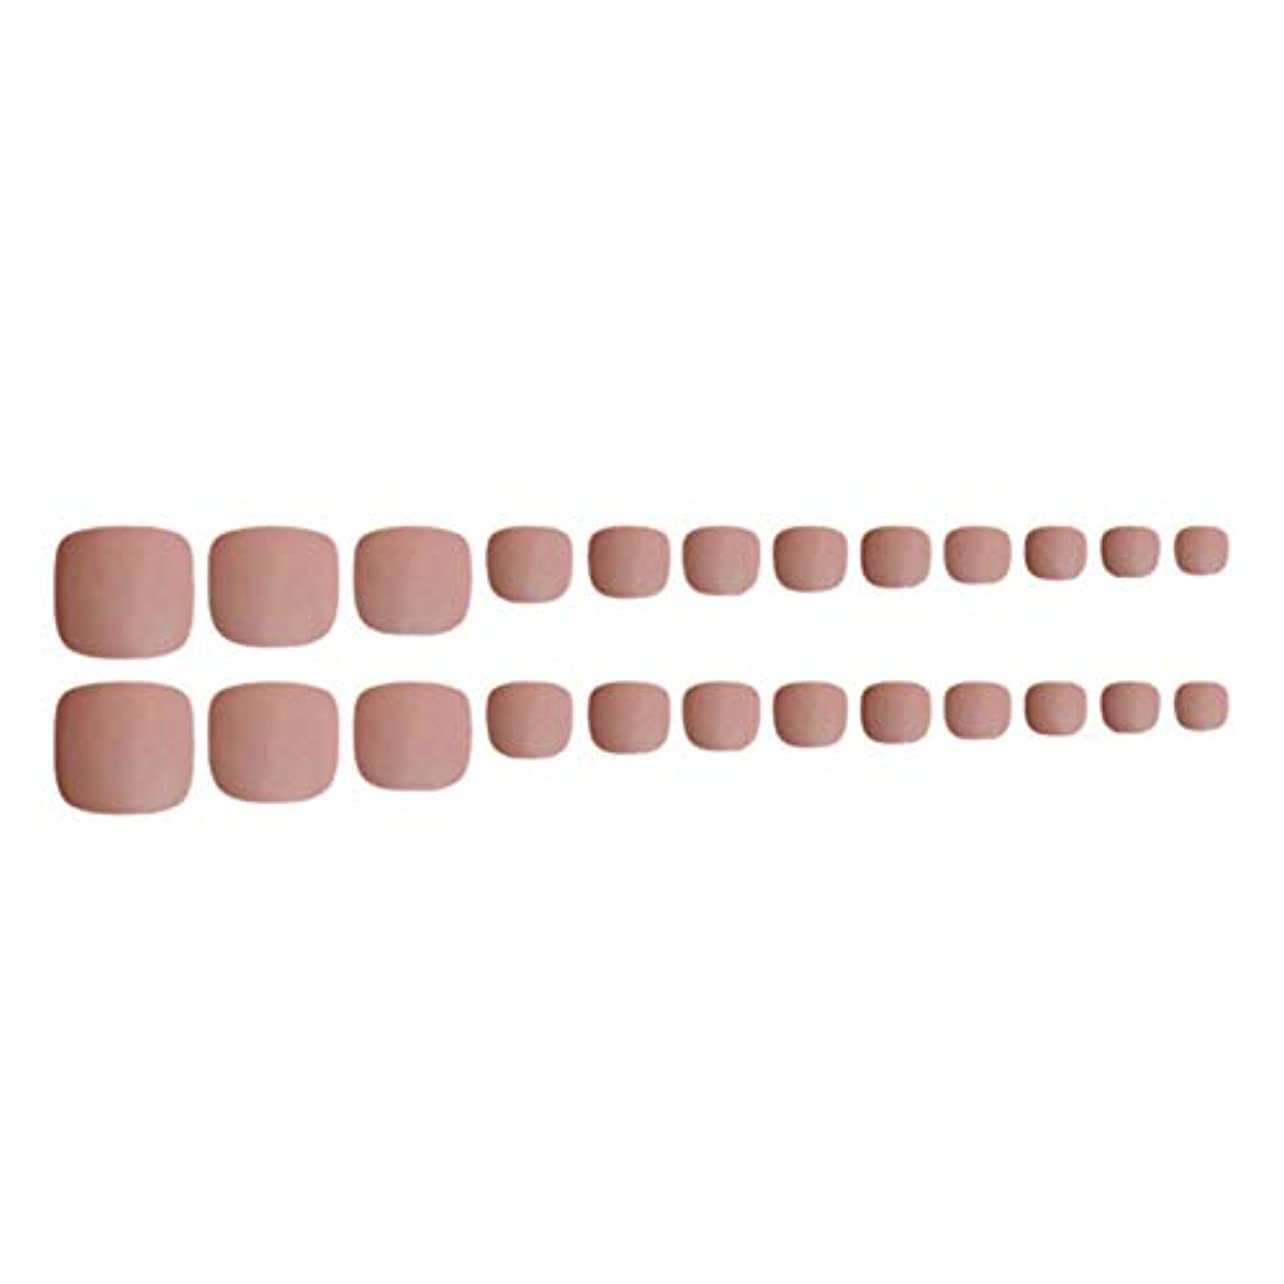 暴露孤独レベルDecdeal ネイルチップ 24ピース 12サイズ 偽つま先 ネイル用品 ネイルキャンディカラフルなプレスオントゥネイル人工ネイルアートのヒント